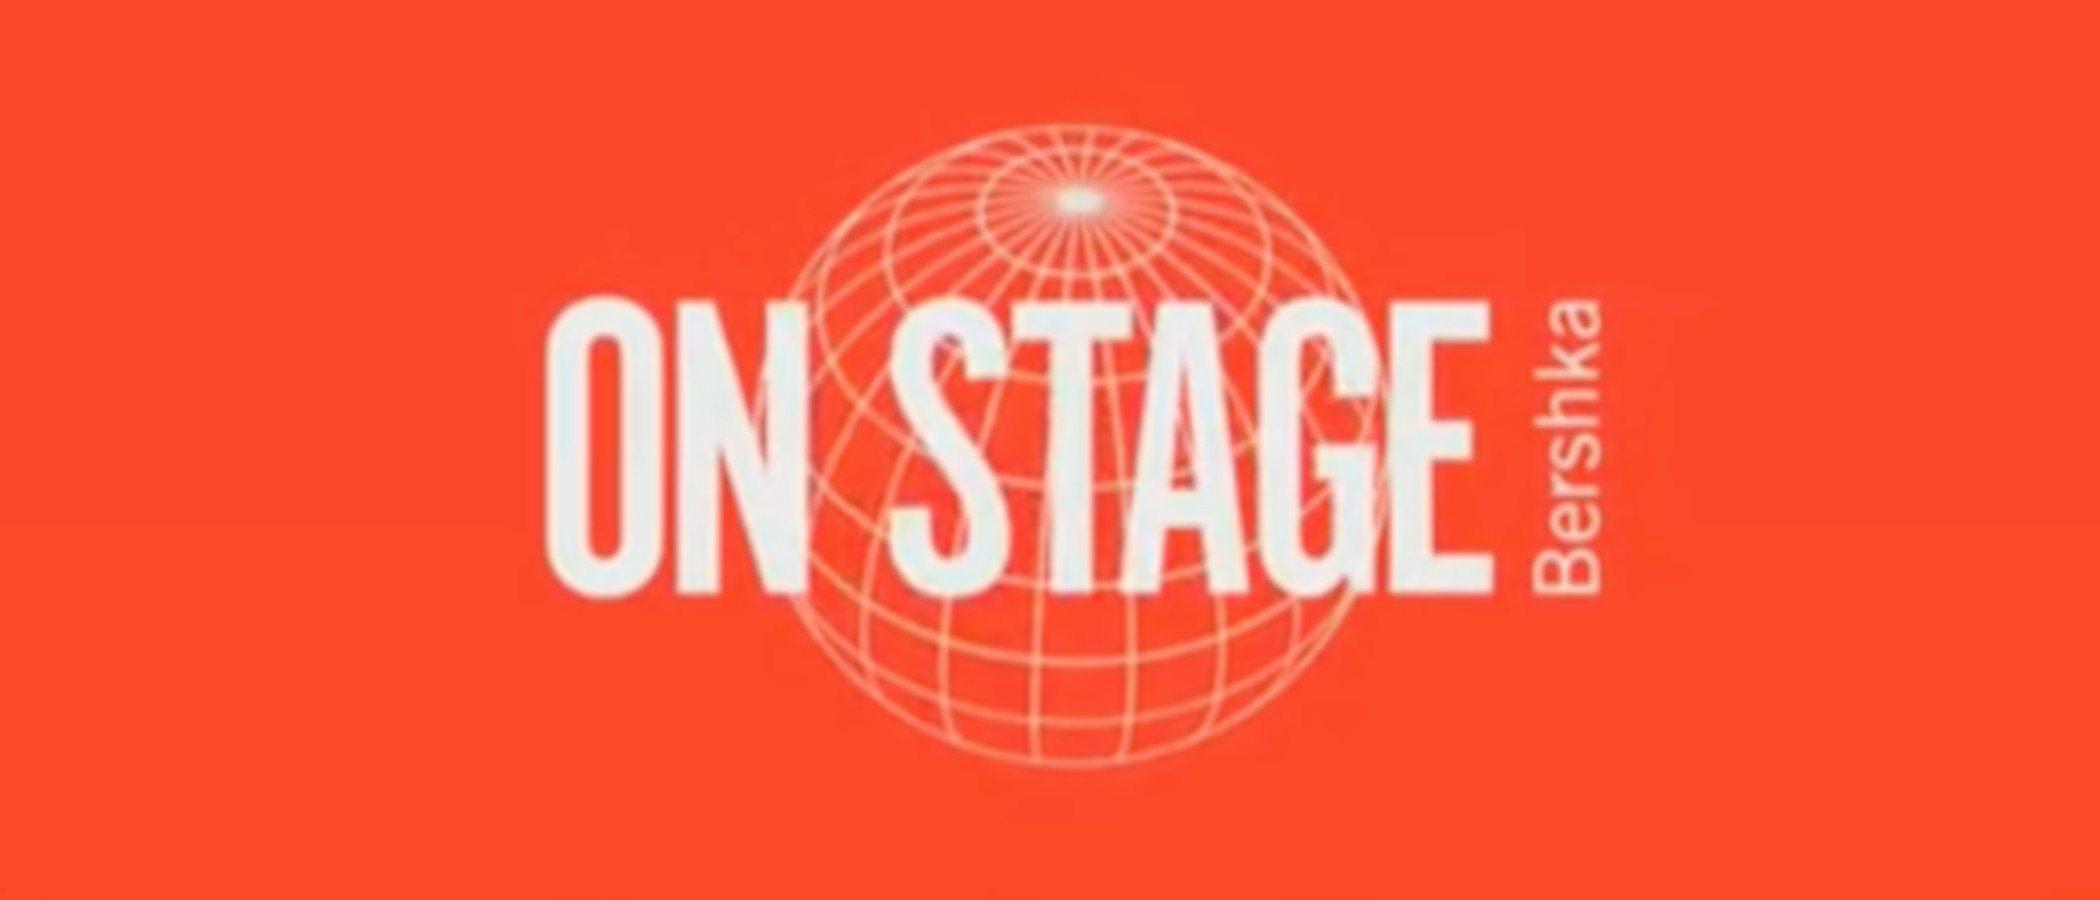 Bershka tiene la mejor combinación en su propuesta 'Bershka on Stage'